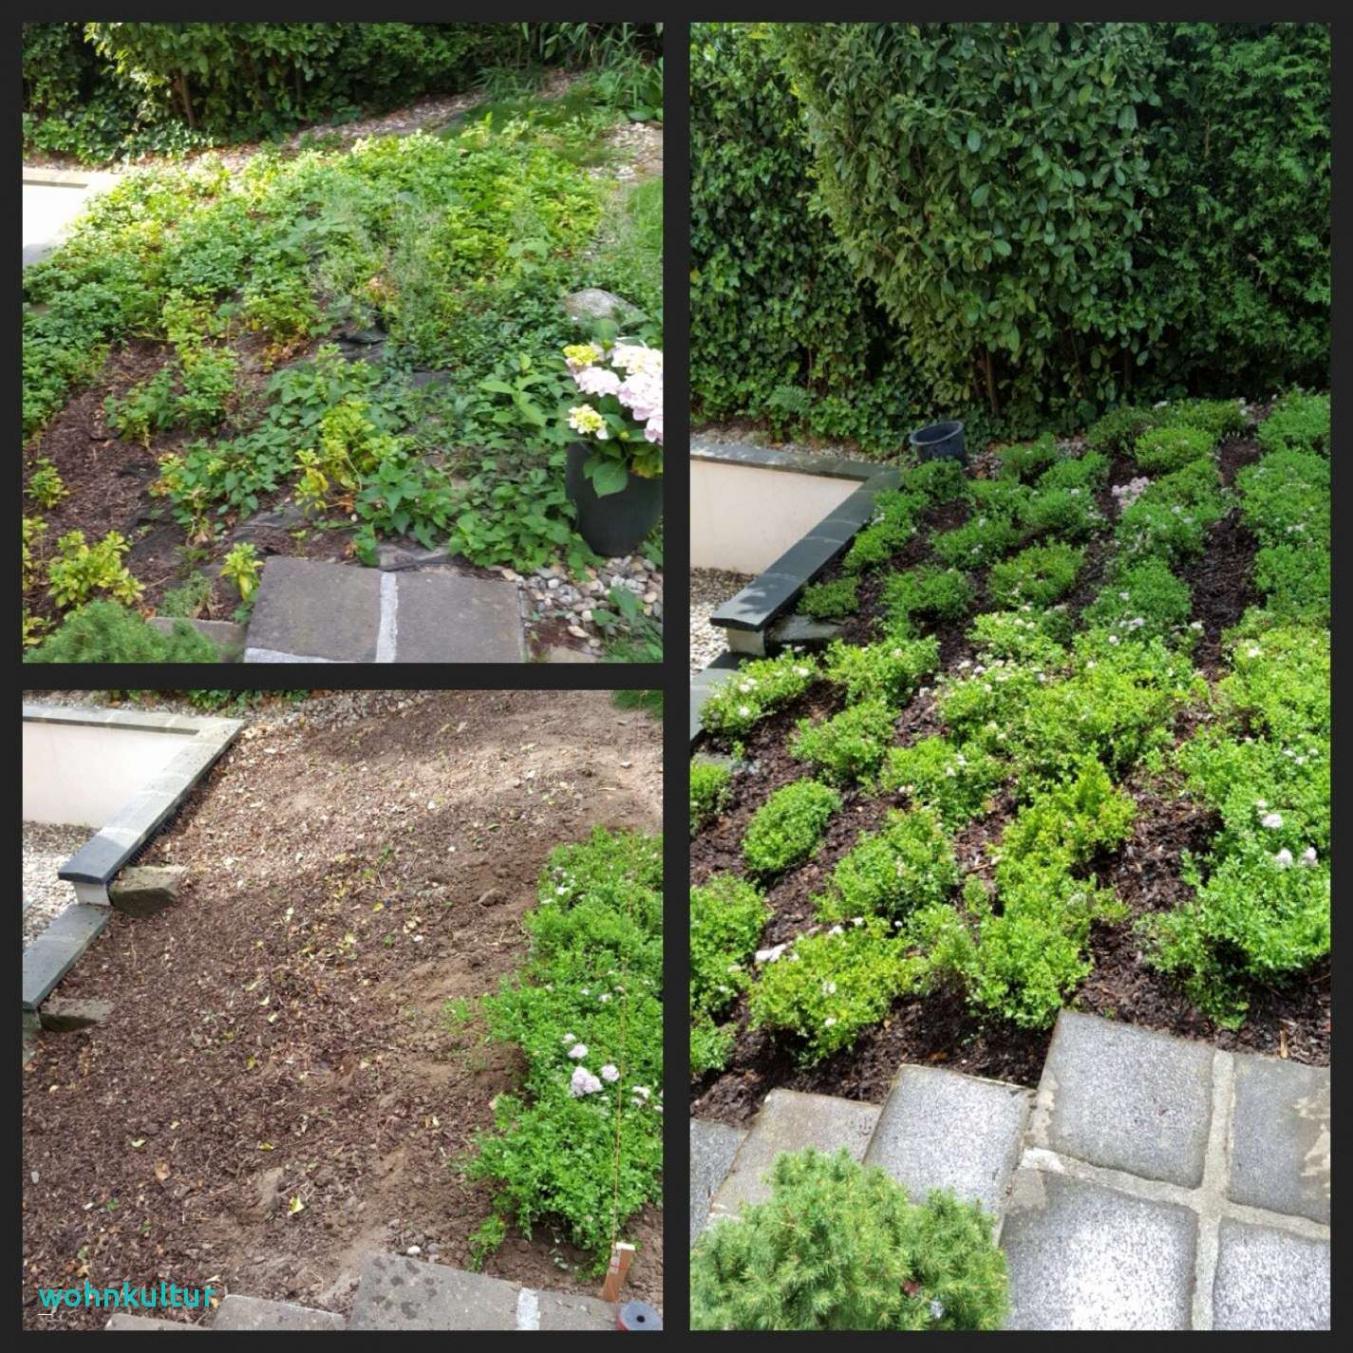 Gartengestaltung Planen Neu Gartengestaltung Mit Holz Und Stein — Temobardz Home Blog